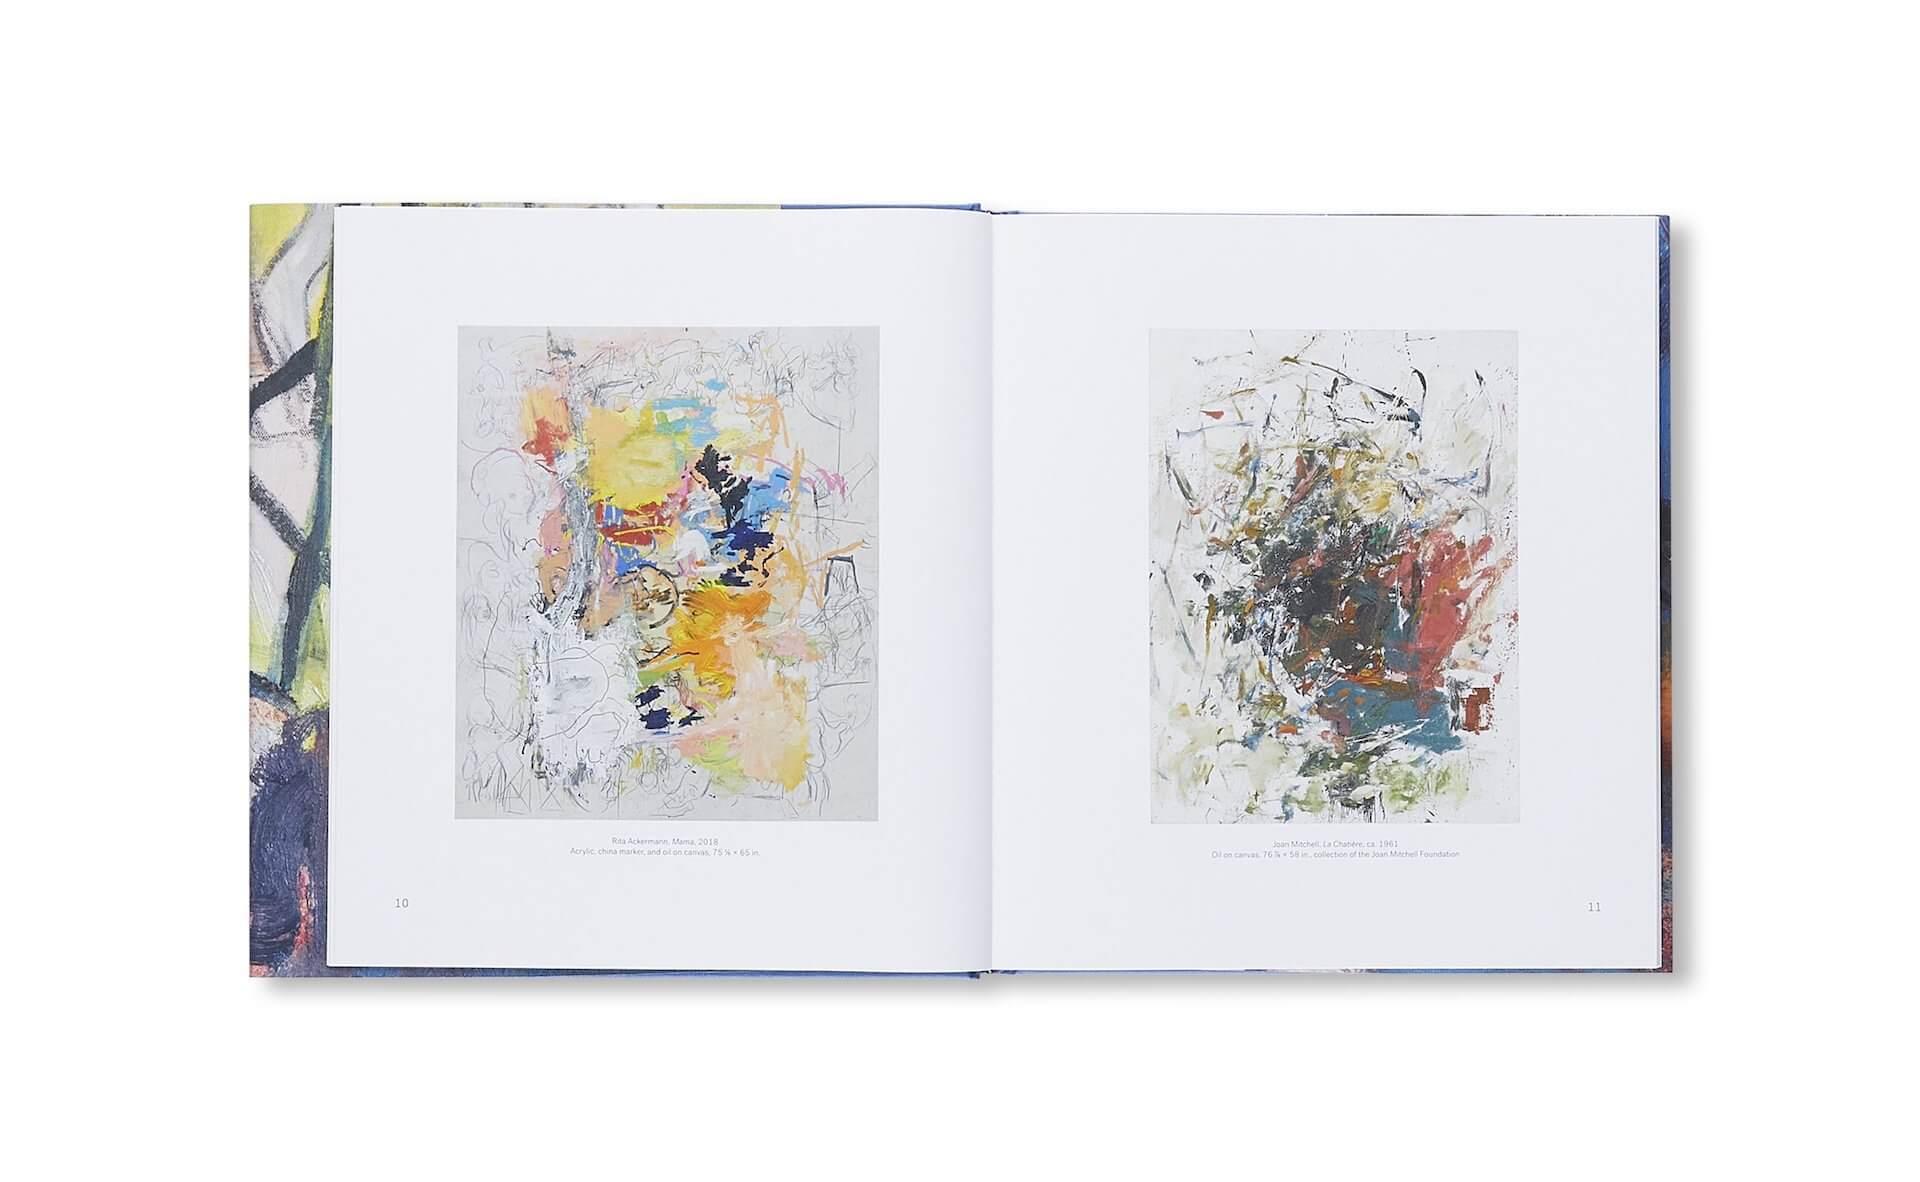 アートブックノススメ|Qetic編集部が選ぶ4冊/横浪修 他 column210730_artbook-015